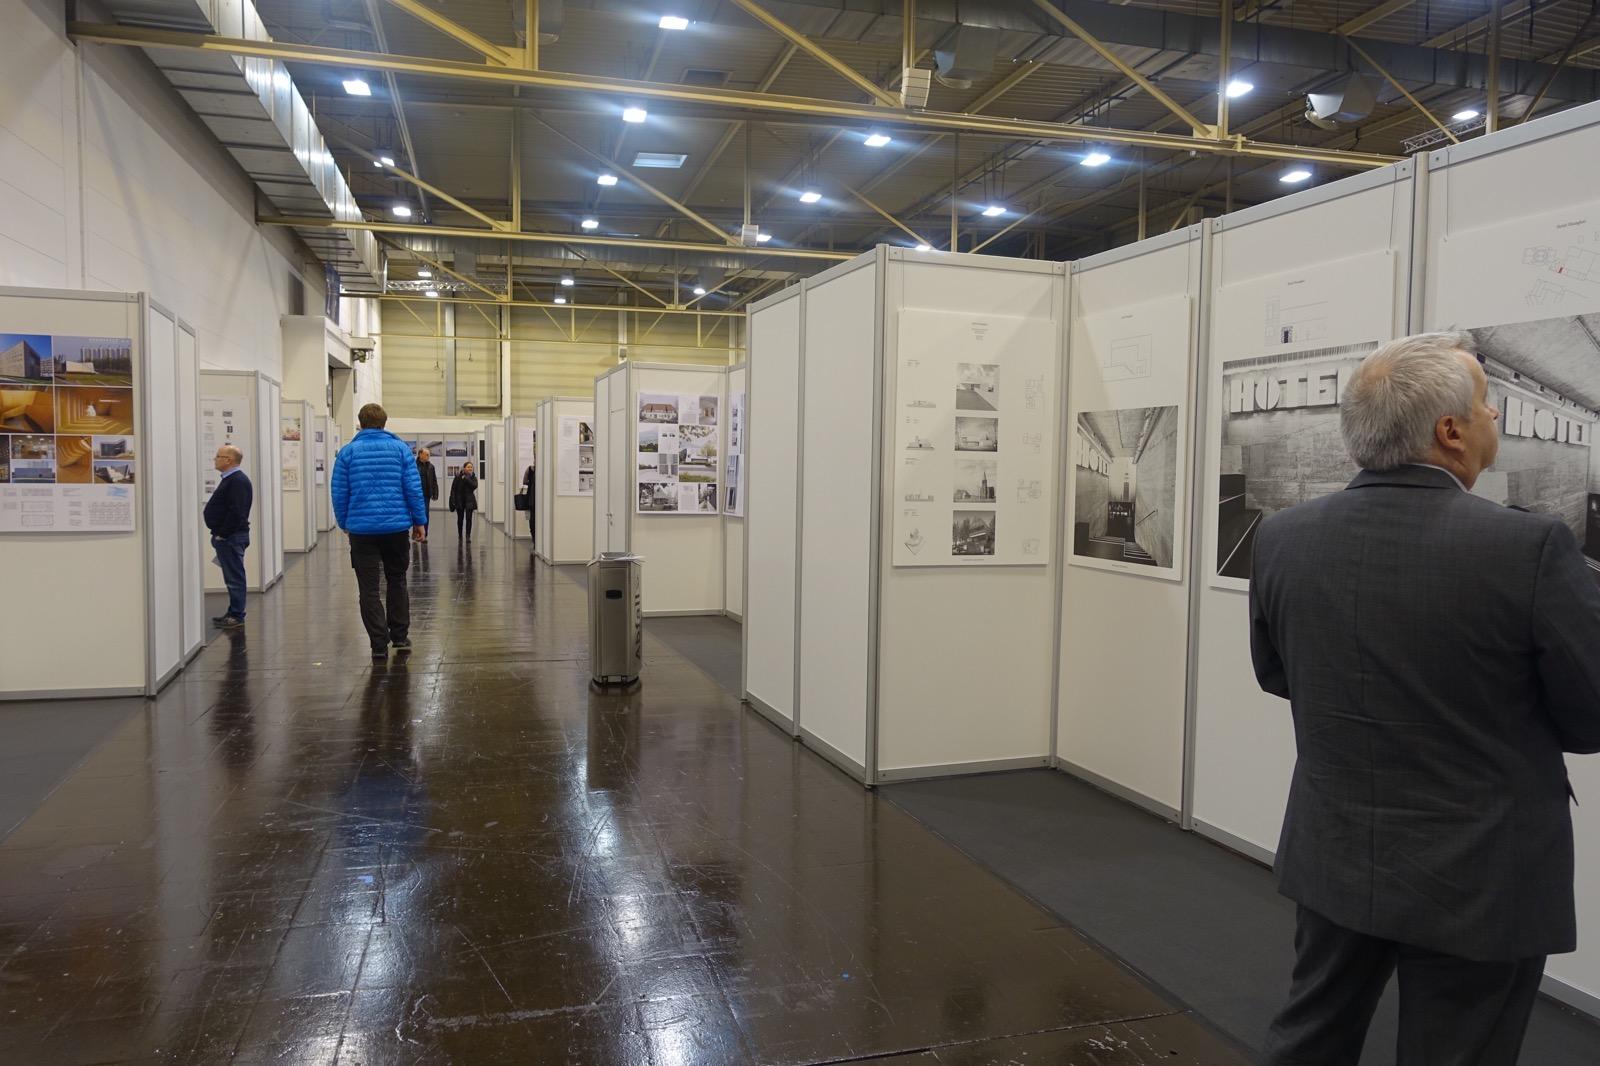 Ausstellung zum DeubauKom-Preis zwischen Halle 2 und 1